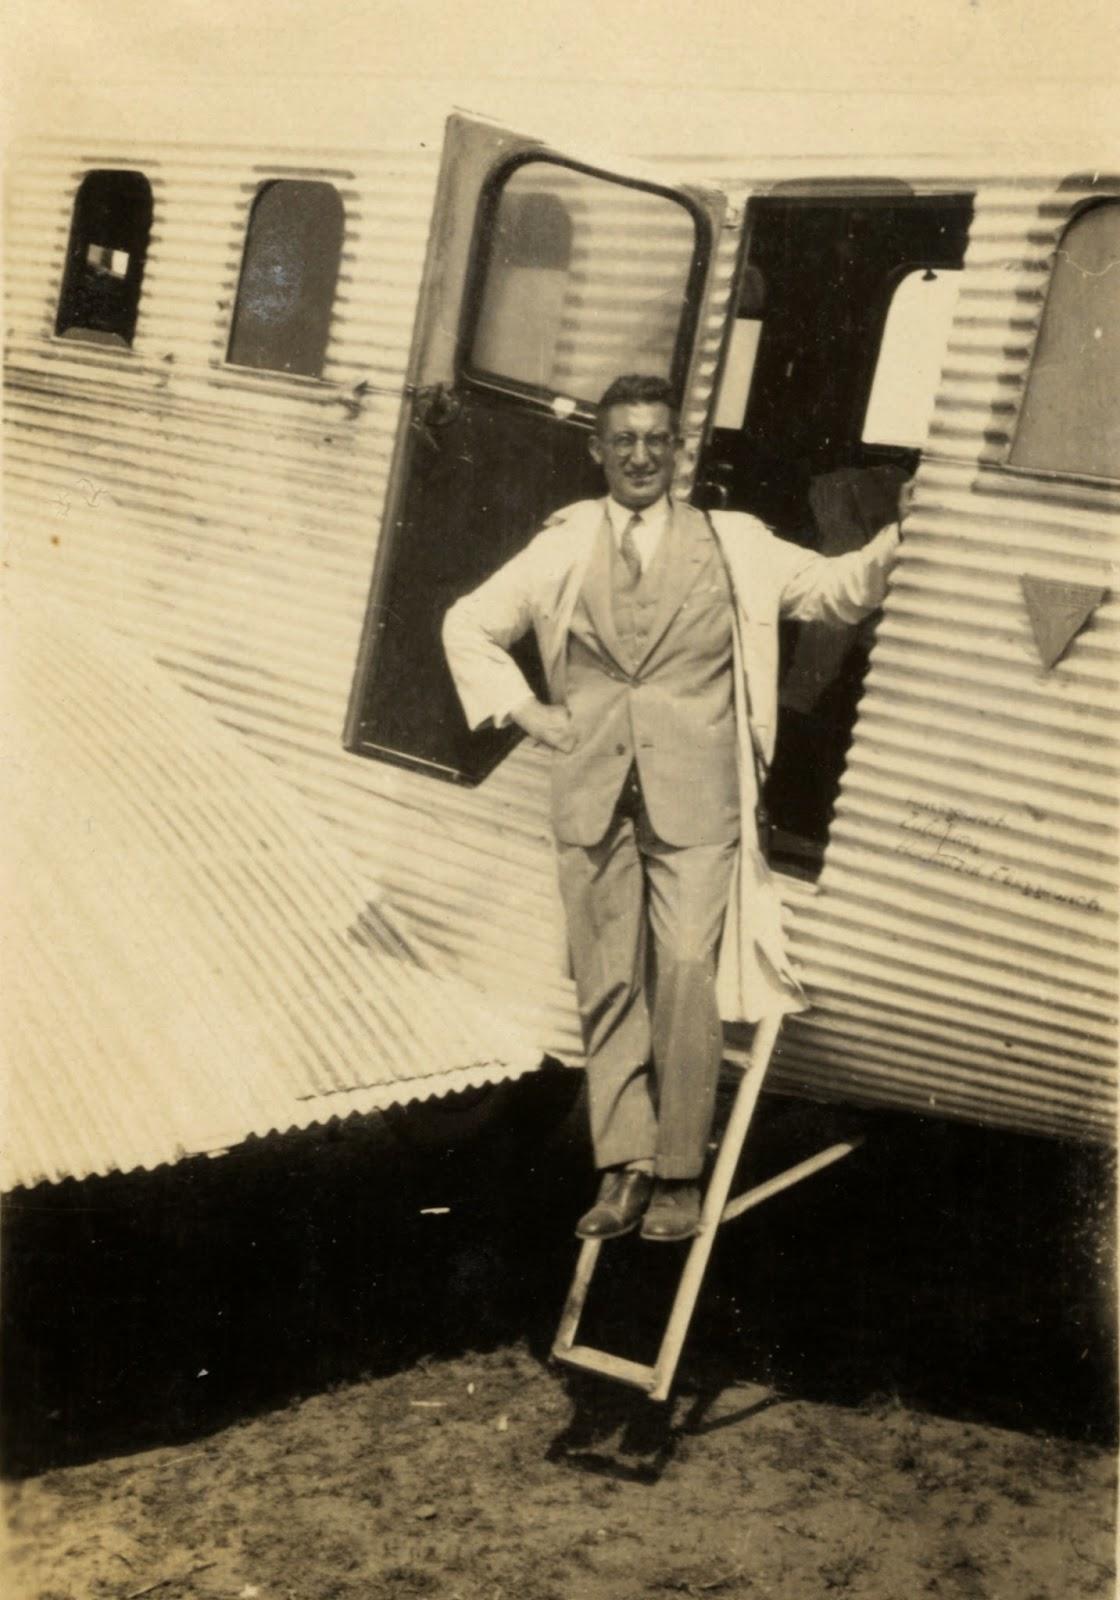 Imagen nº 14503, propiedad del archivo de fotografía histórica de la FEDAC/CABILDO DE GRAN CANARIA. Realizada entre los años 1930 y 1940. Fotógrafo sin identificar.